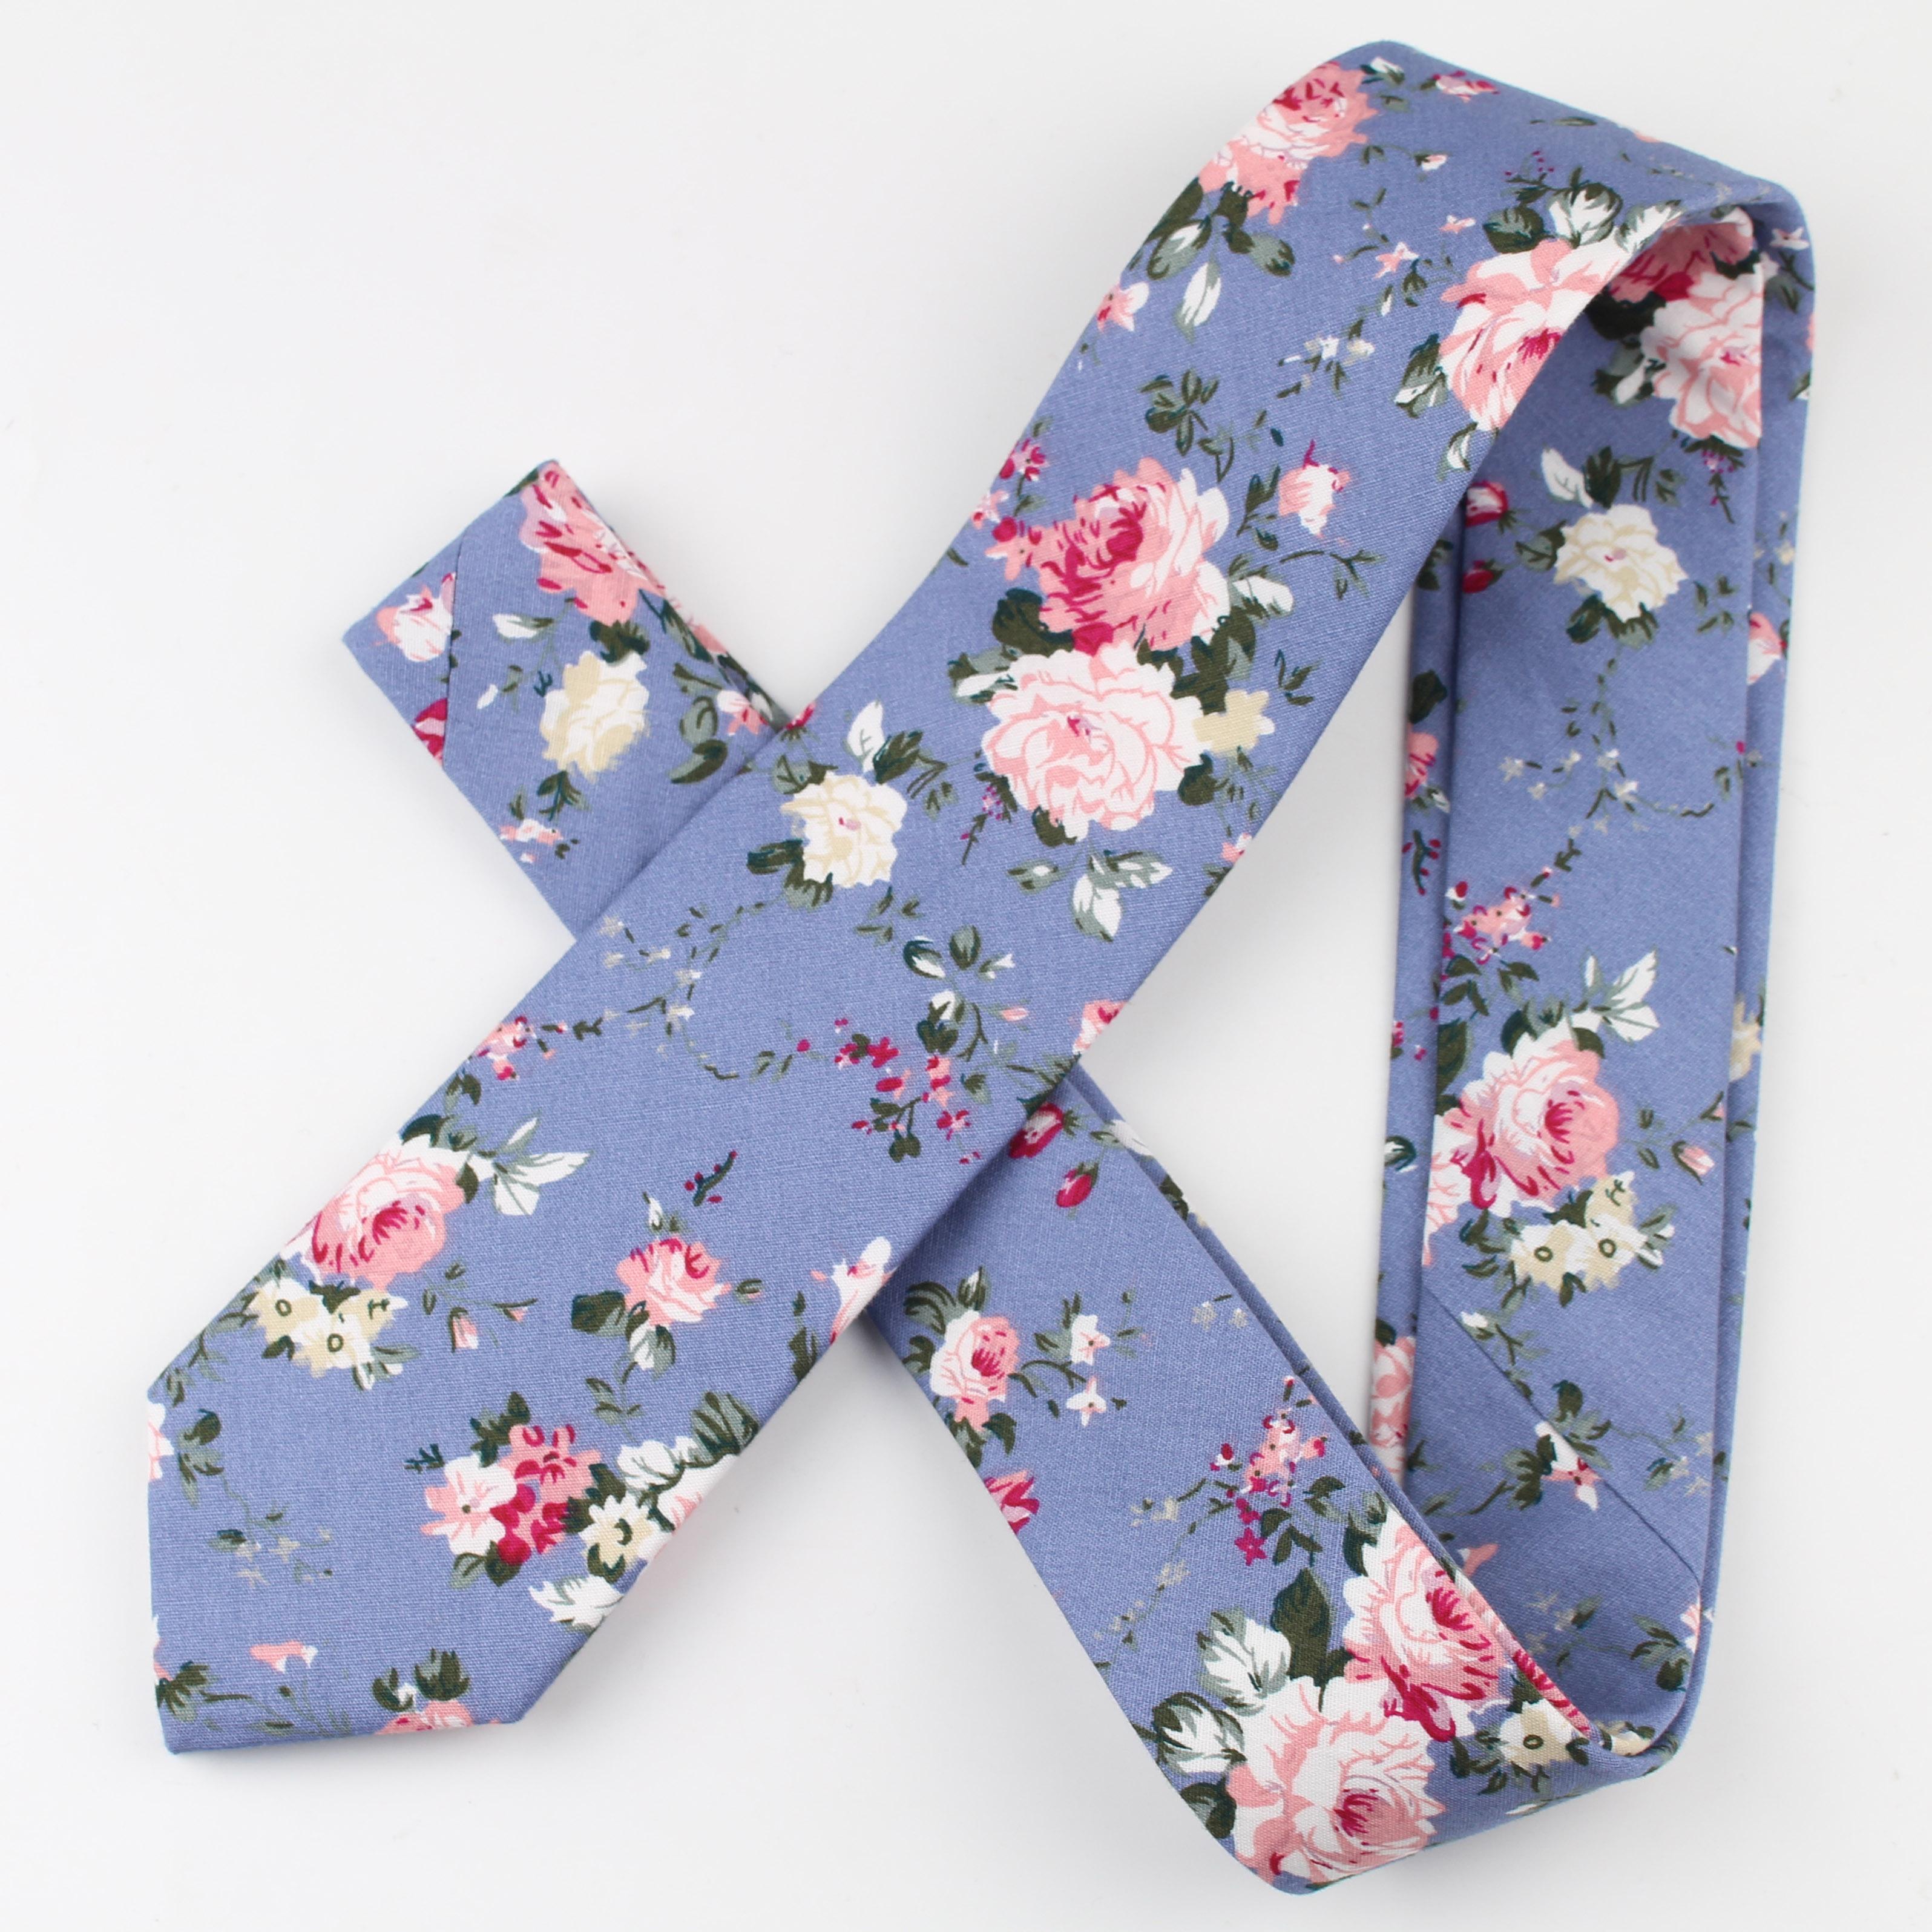 Цветочный хлопковый галстук каркас искусственные тонкие галстуки мужской тюльпан маленький галстук якорь дизайнерский Звездный Галстук Пейсли